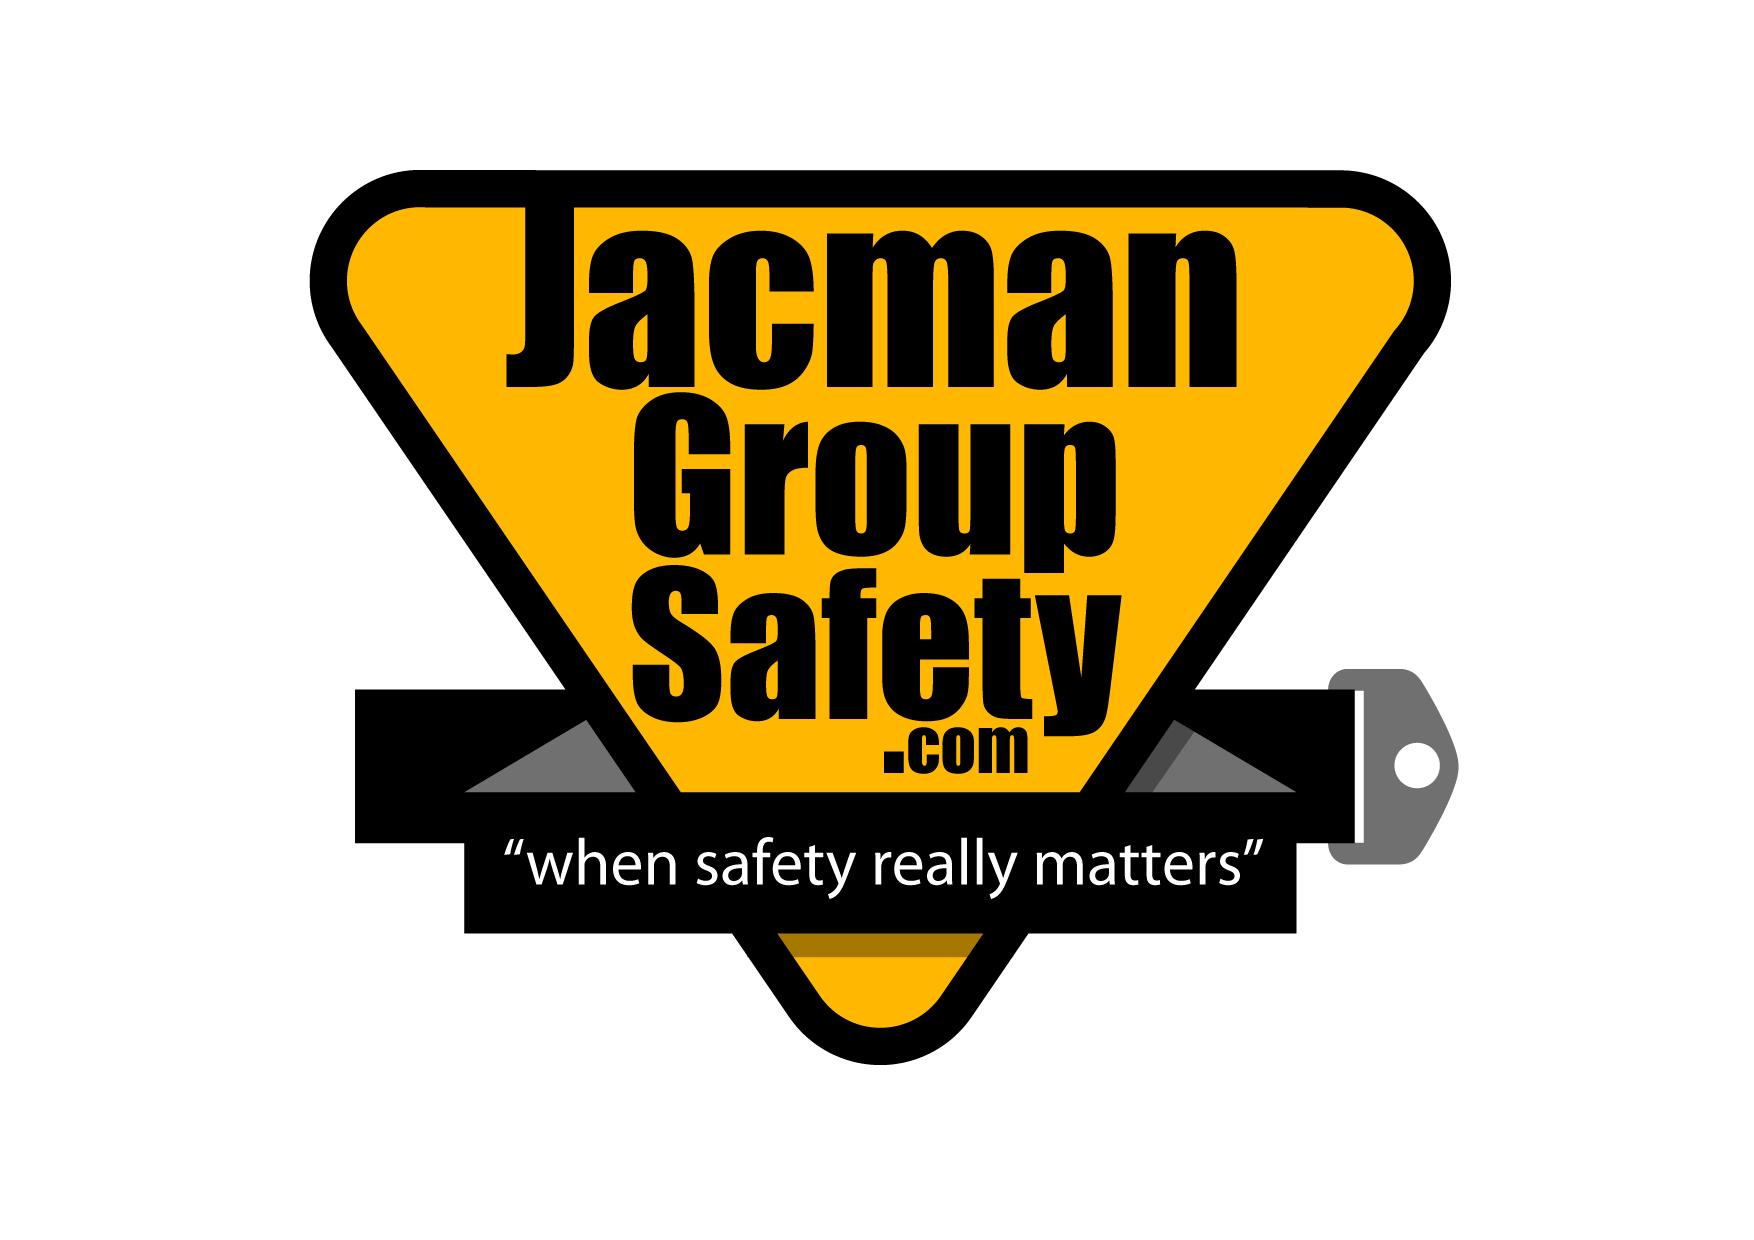 Logo Design by Wilfredo Mendoza - Entry No. 137 in the Logo Design Contest The Jacman Group Logo Design.